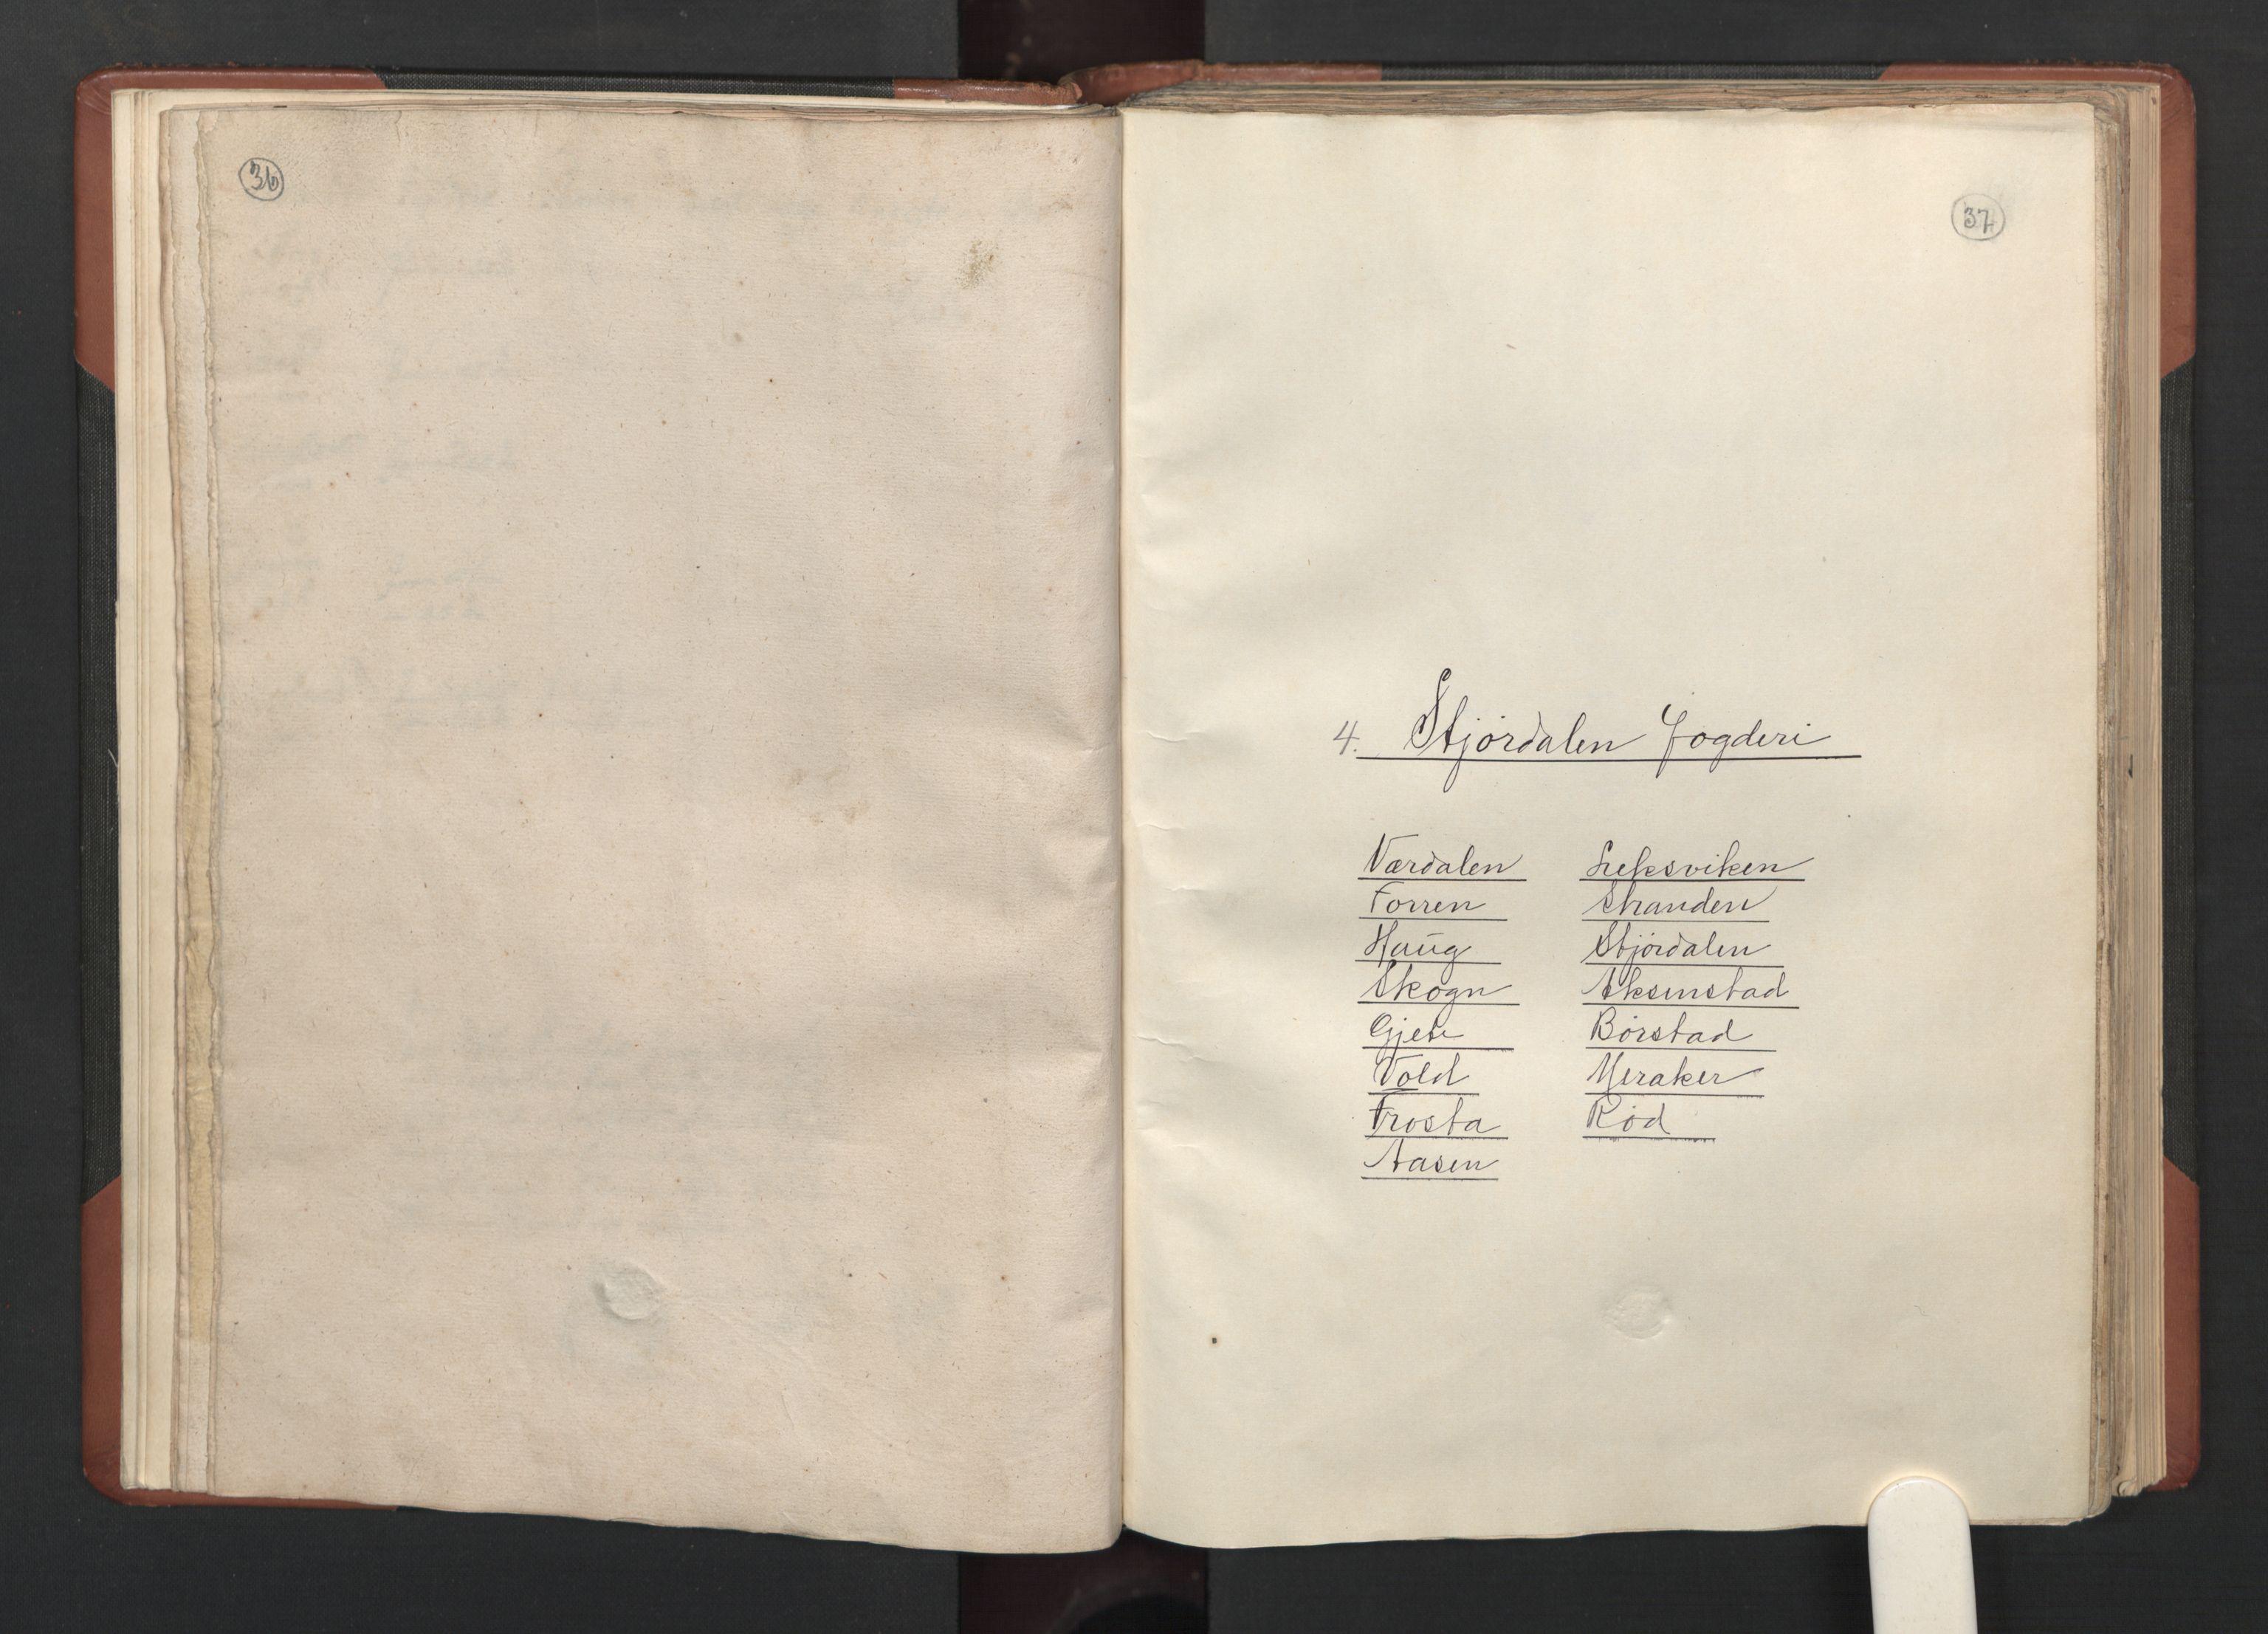 RA, Fogdenes og sorenskrivernes manntall 1664-1666, nr. 19: Fosen fogderi, Inderøy fogderi, Selbu fogderi, Namdal fogderi og Stjørdal fogderi, 1664-1665, s. 36-37